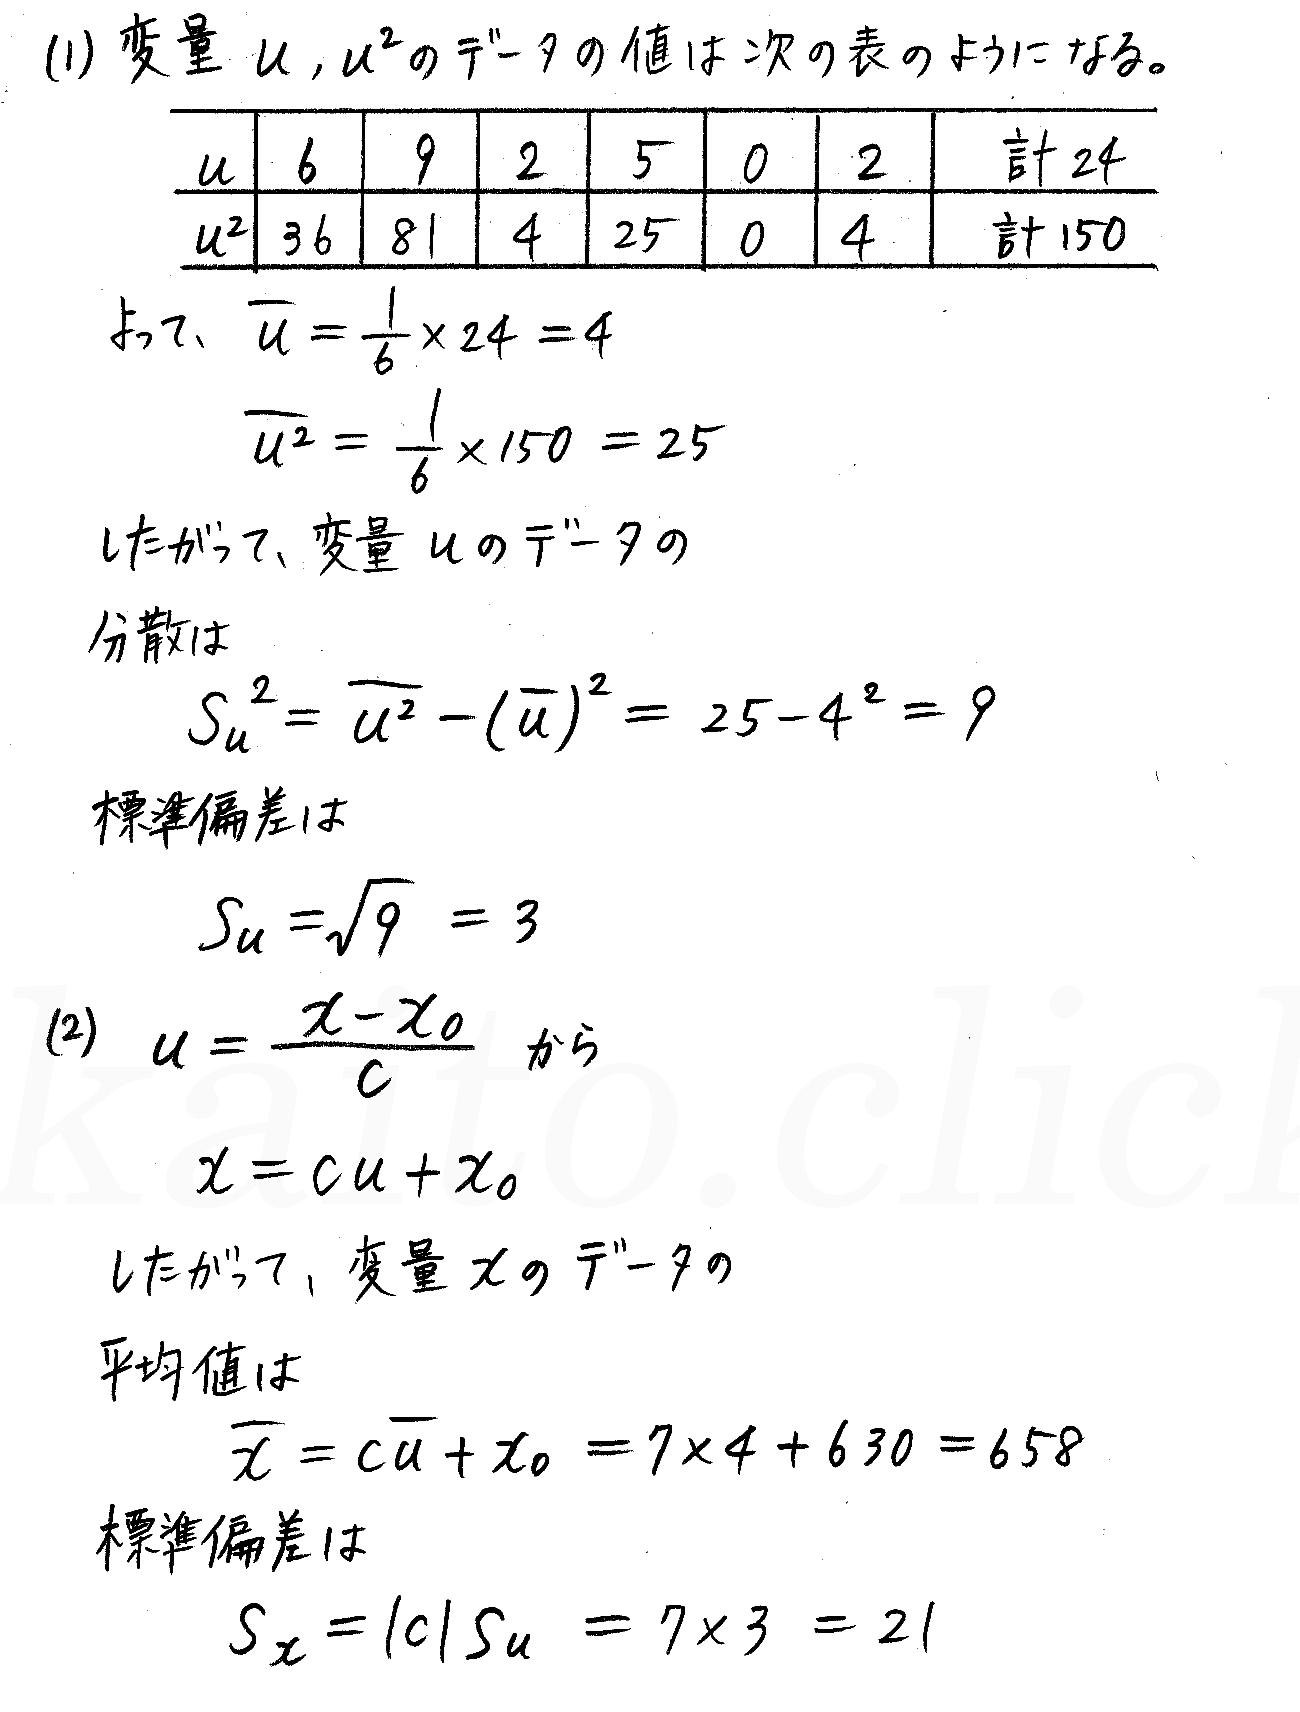 クリアー数学1-358解答